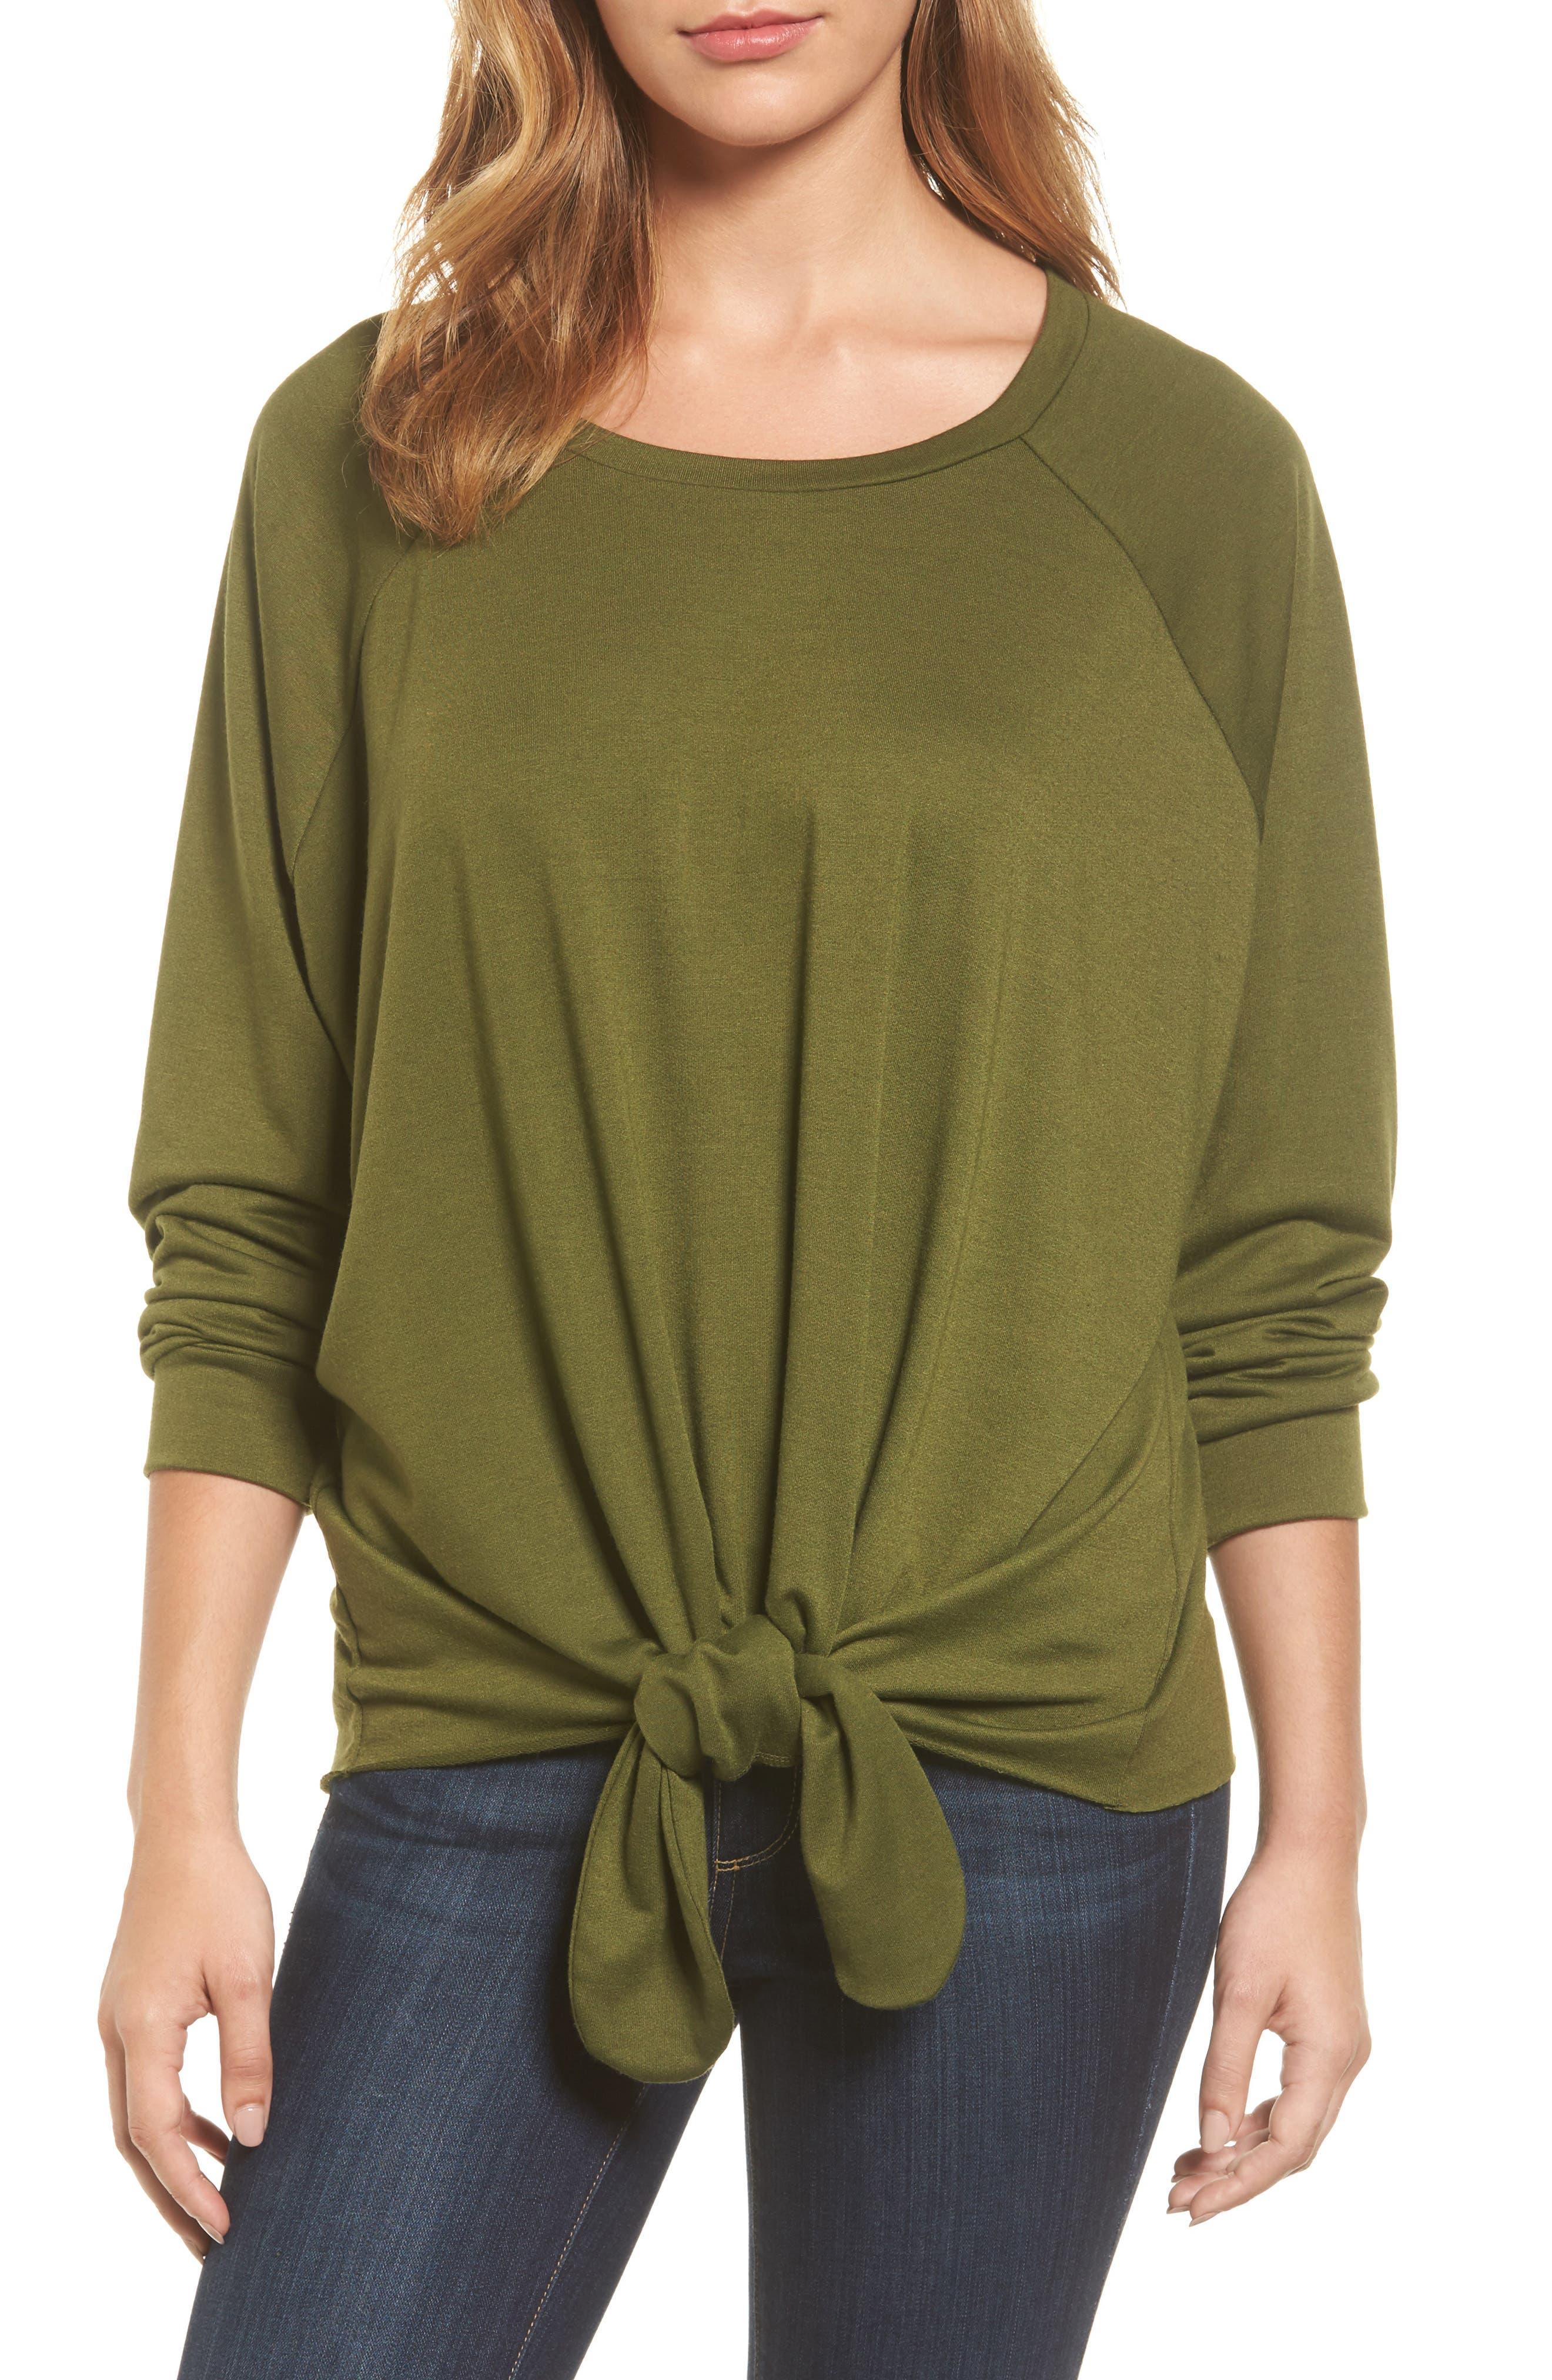 Alternate Image 1 Selected - Caslon® Tie Front Sweatshirt (Regular & Petite)